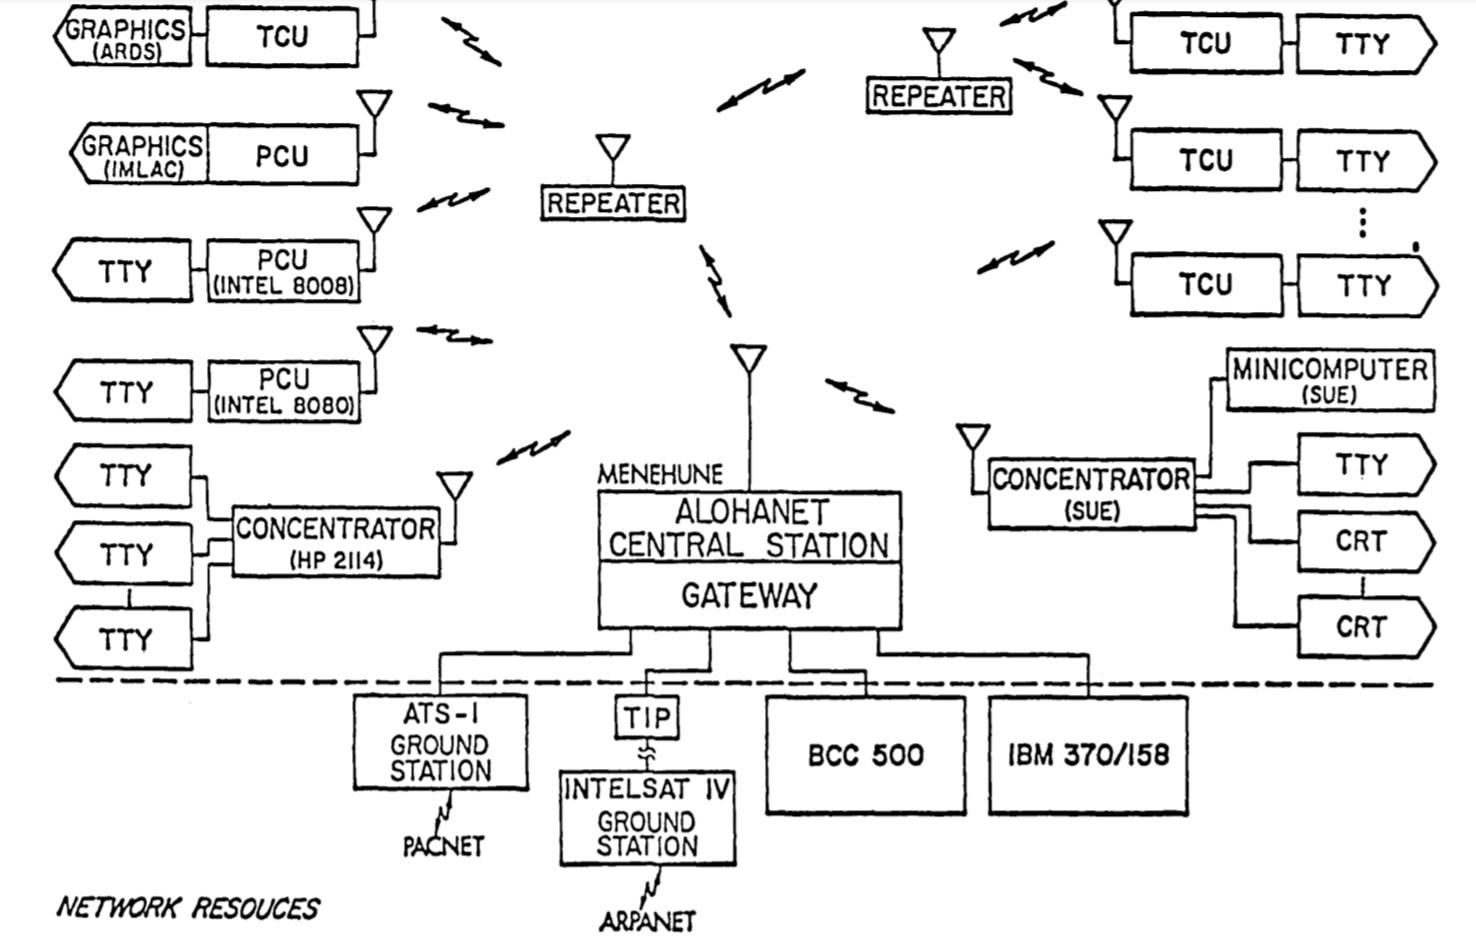 ブログ: 通信デバイスとしてのコンピュータ